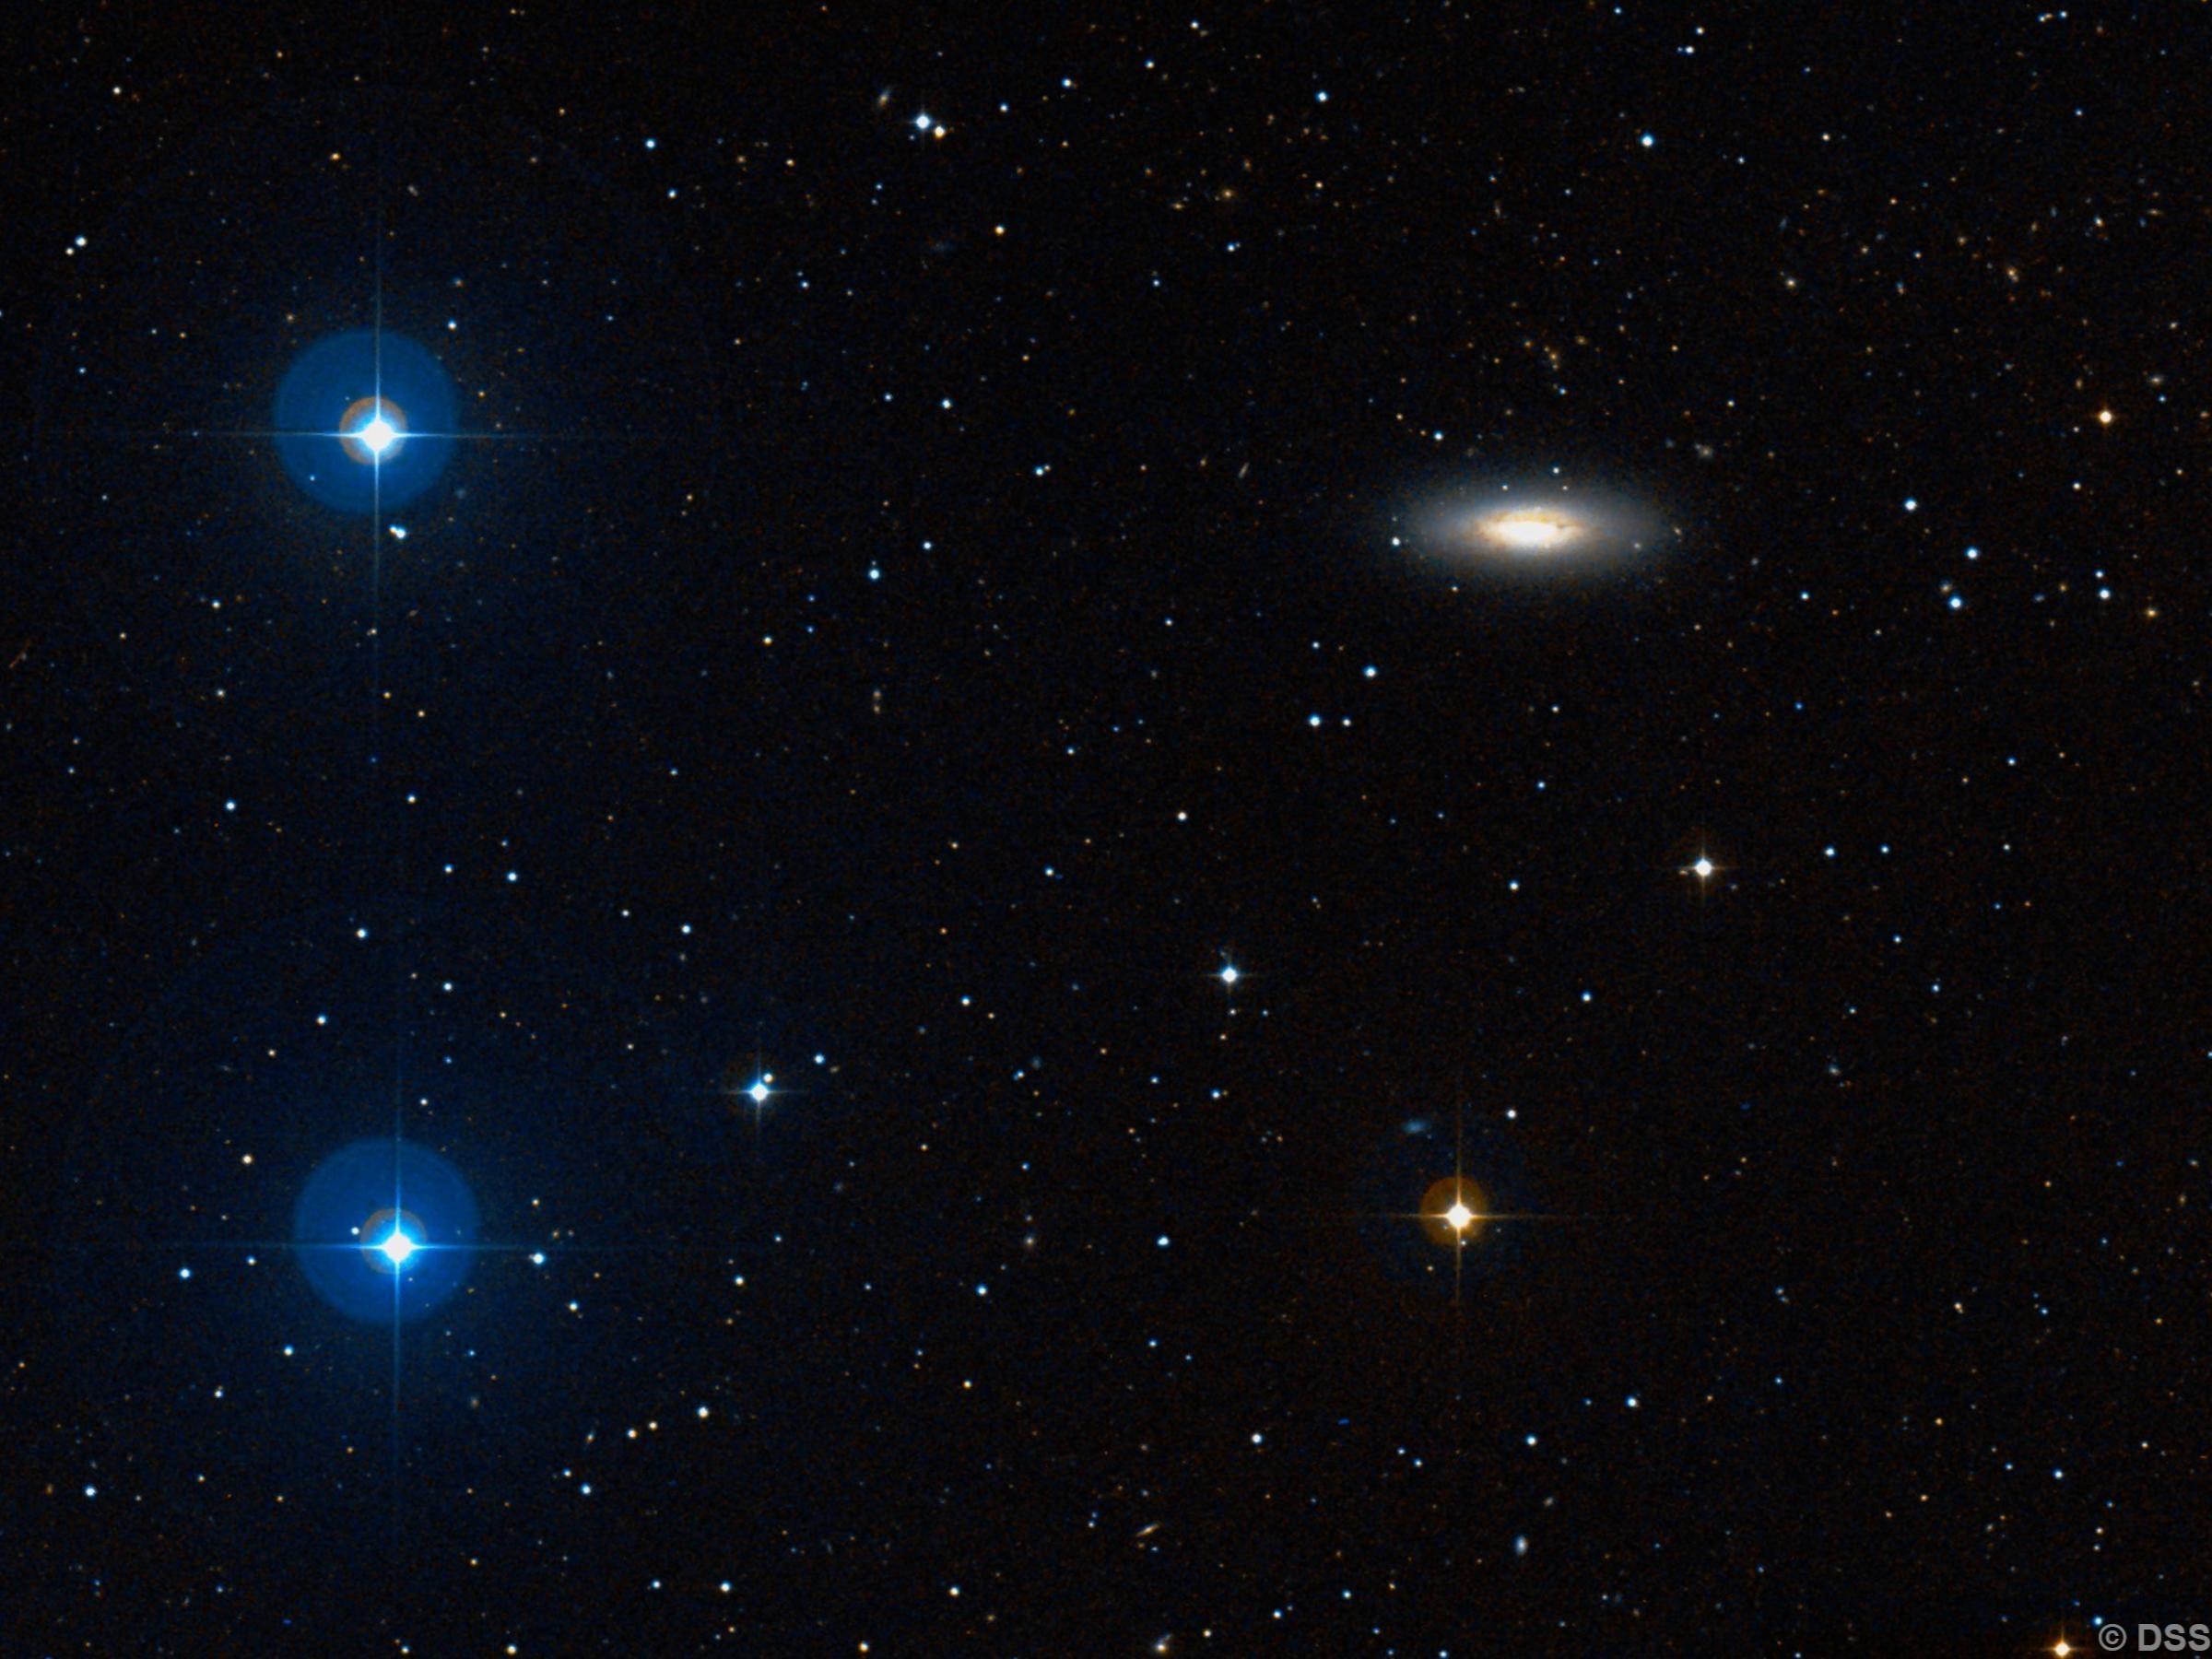 NGC 3593